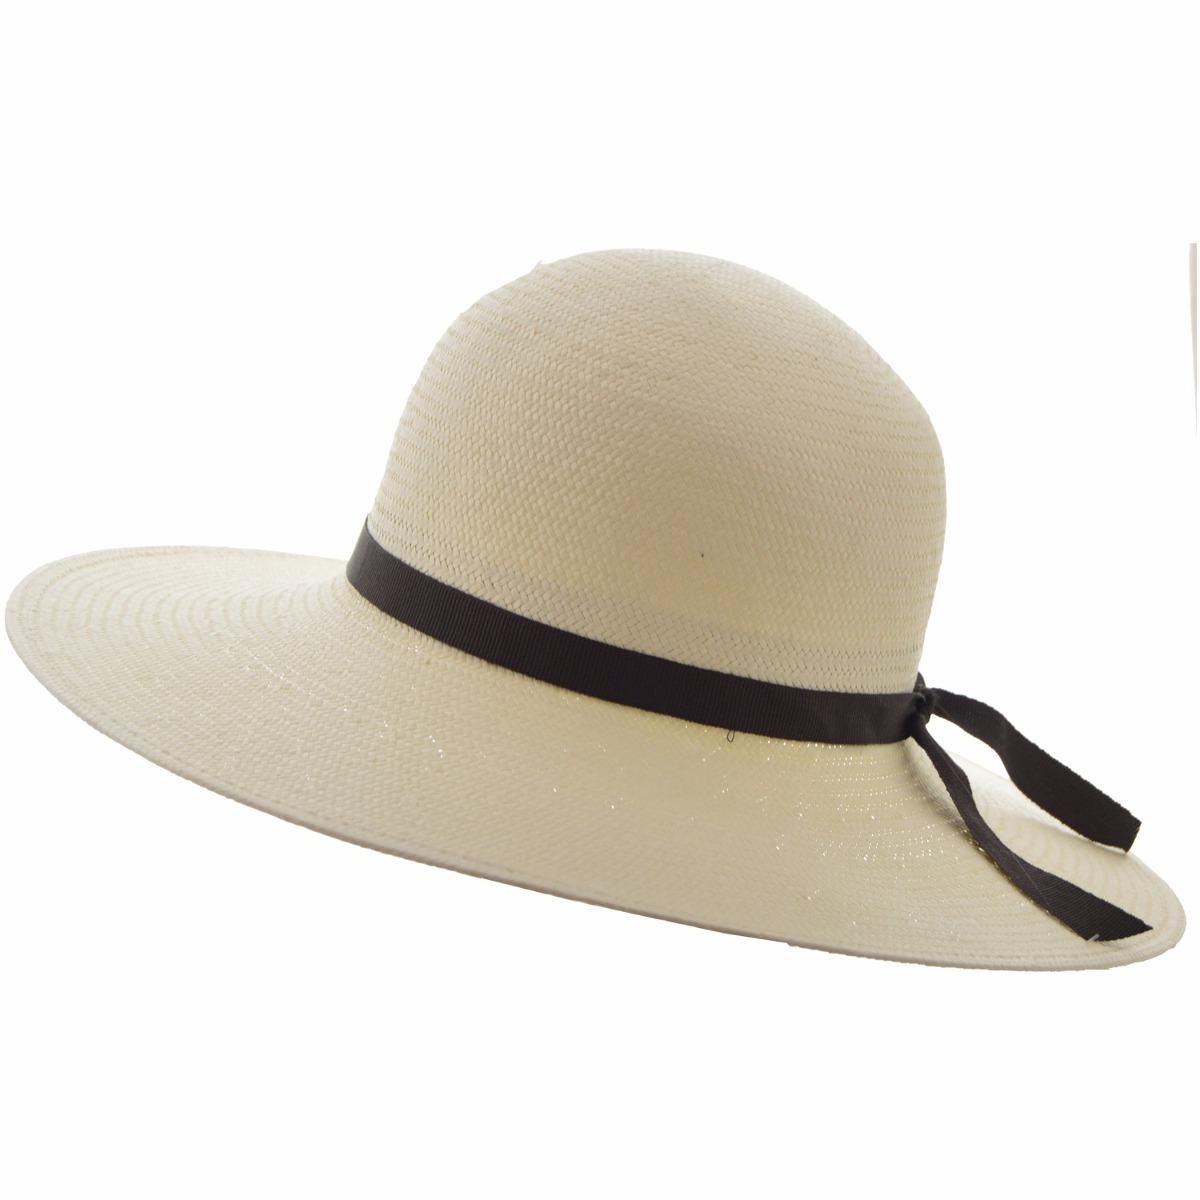 capelina simil panama compañia de sombreros m527551g. Cargando zoom. 3894dffda10